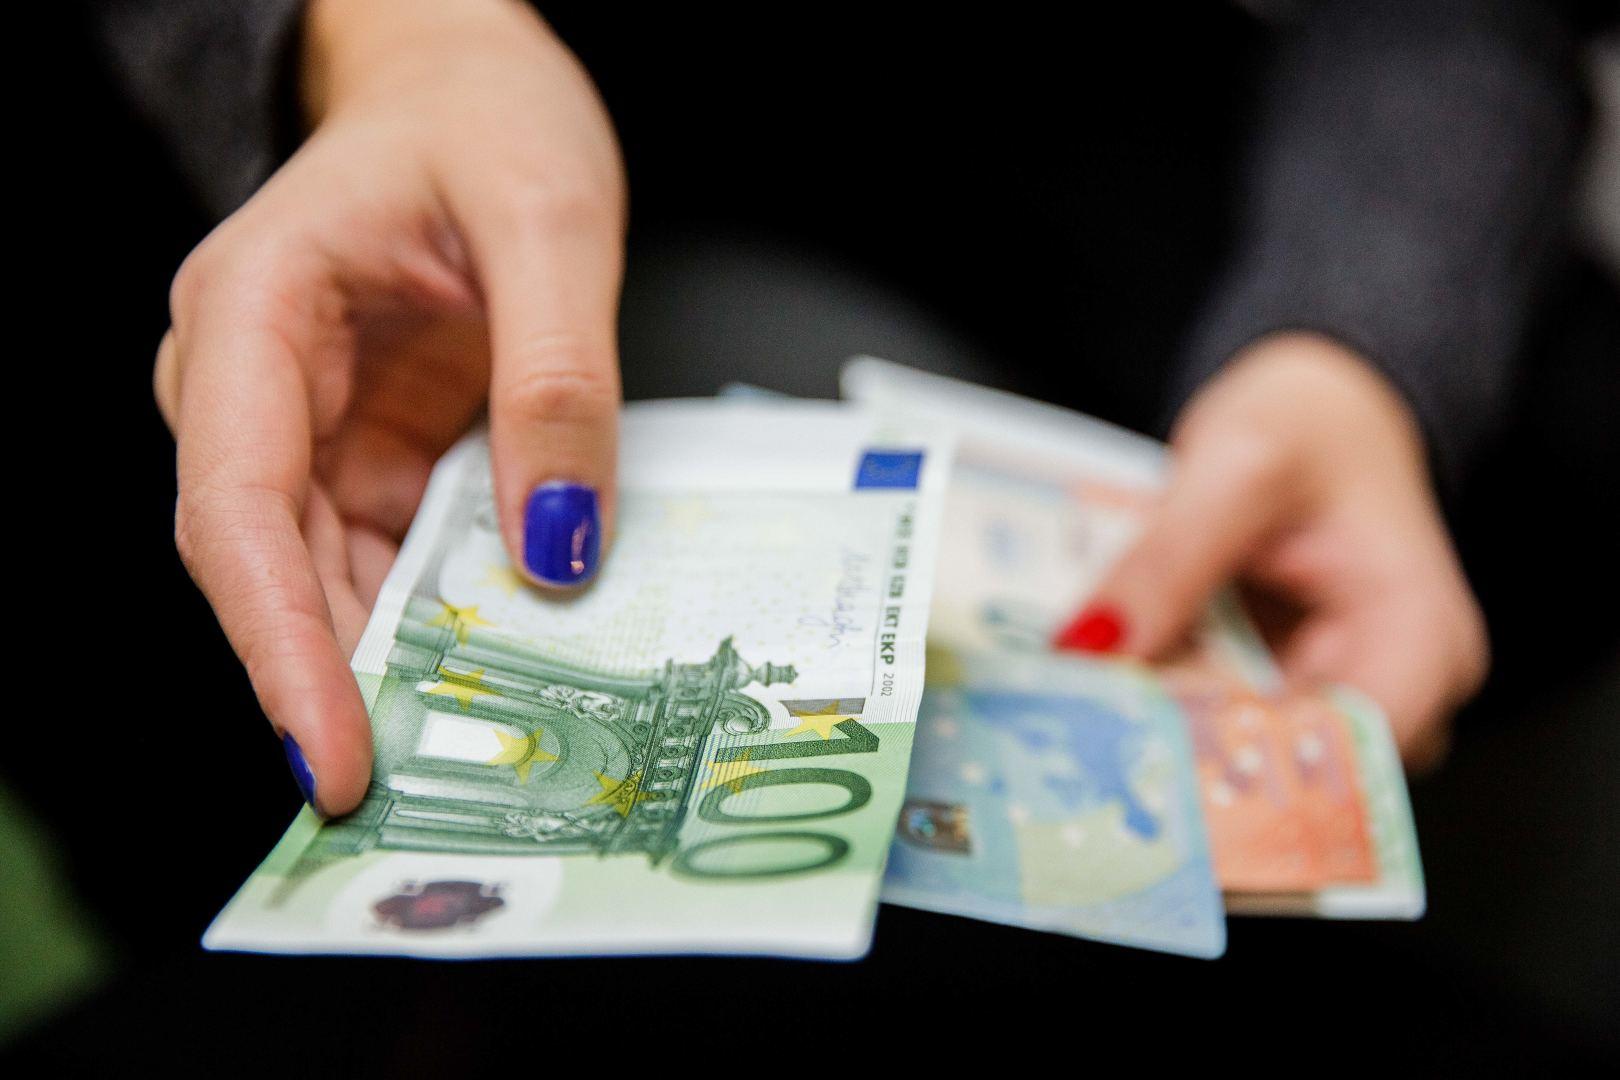 derybos dėl akcijų pasirinkimo algos